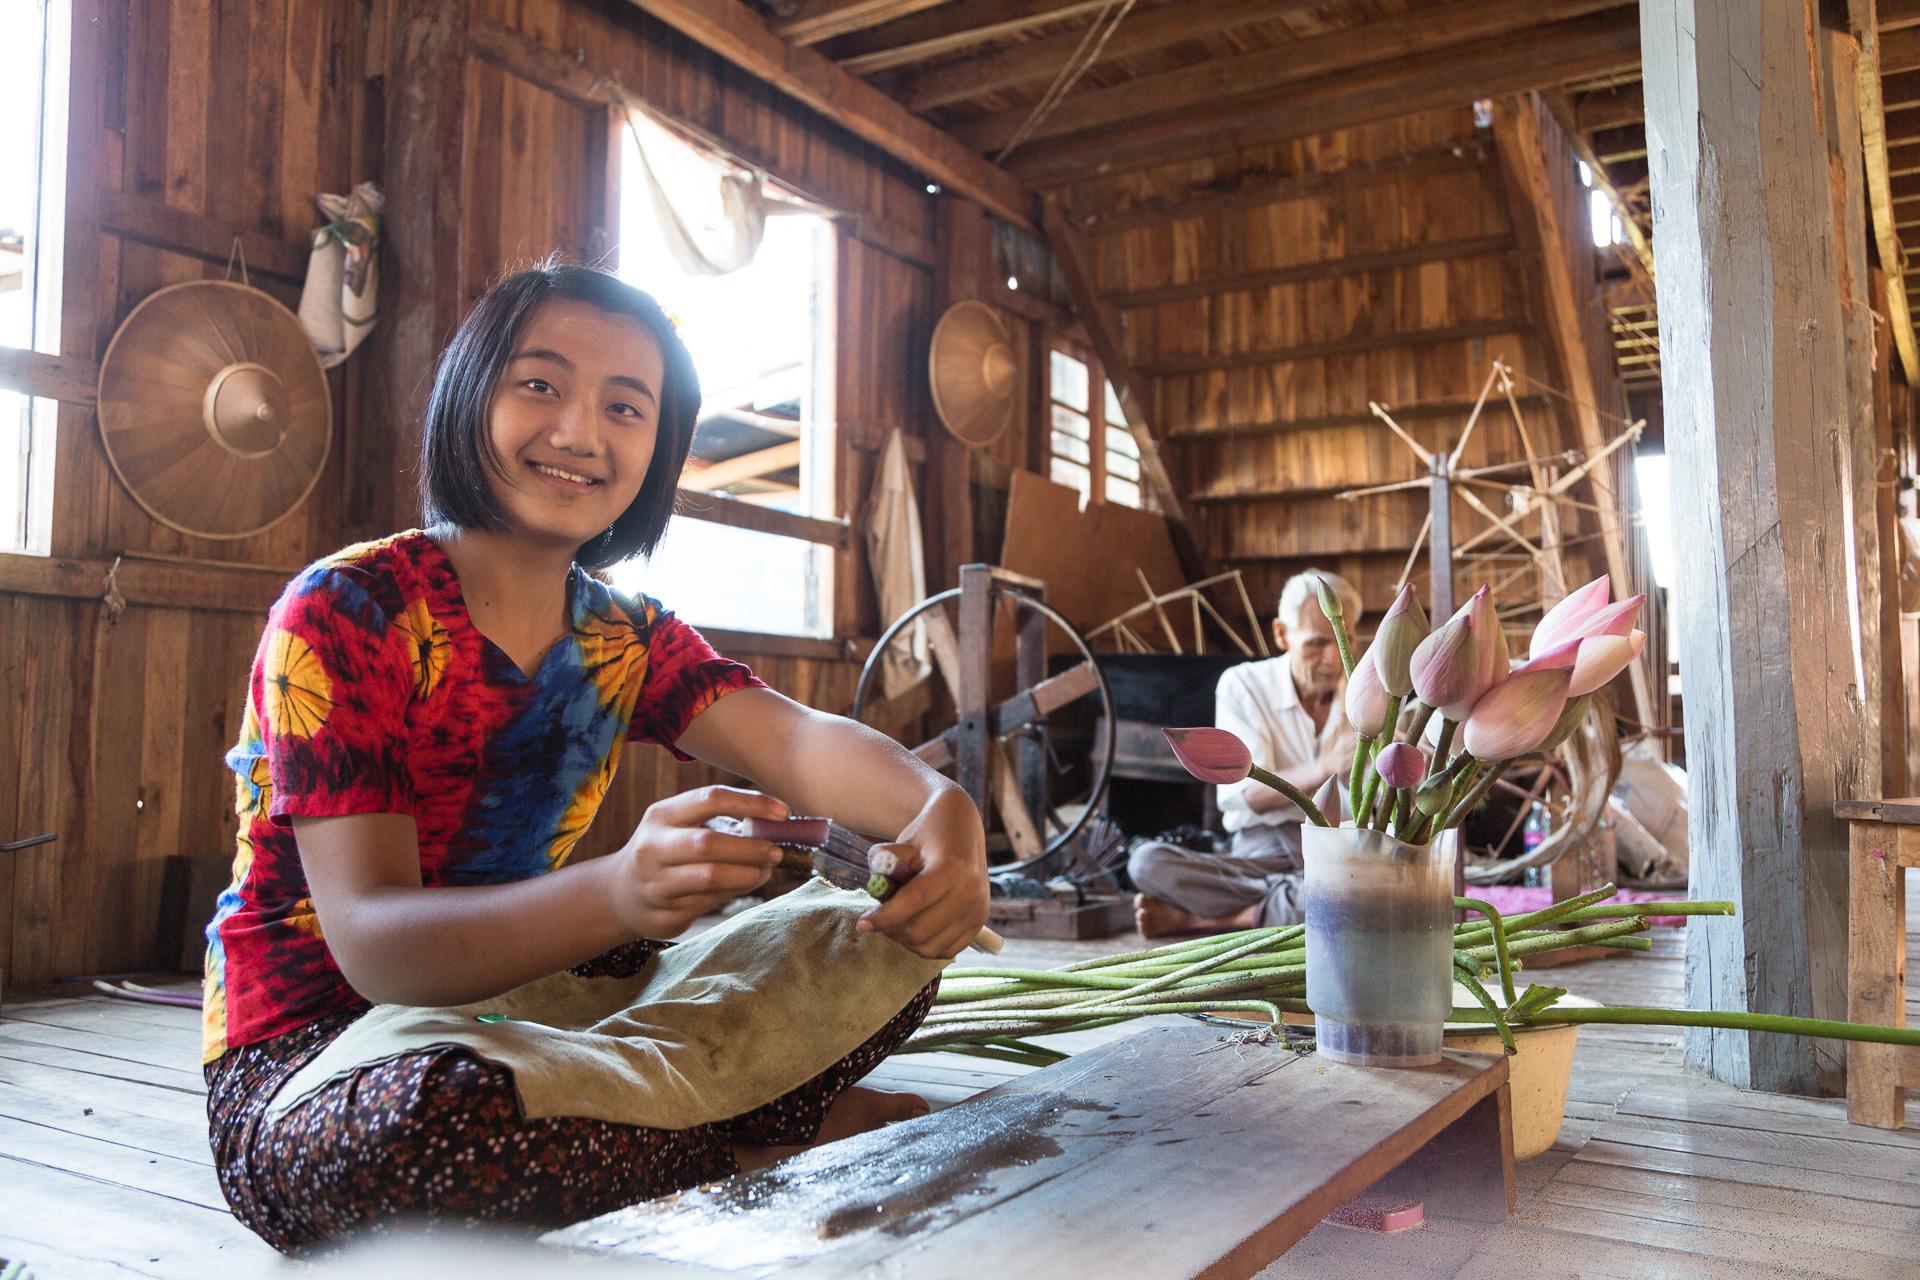 myanmar-reportage-wisckow-053.jpg